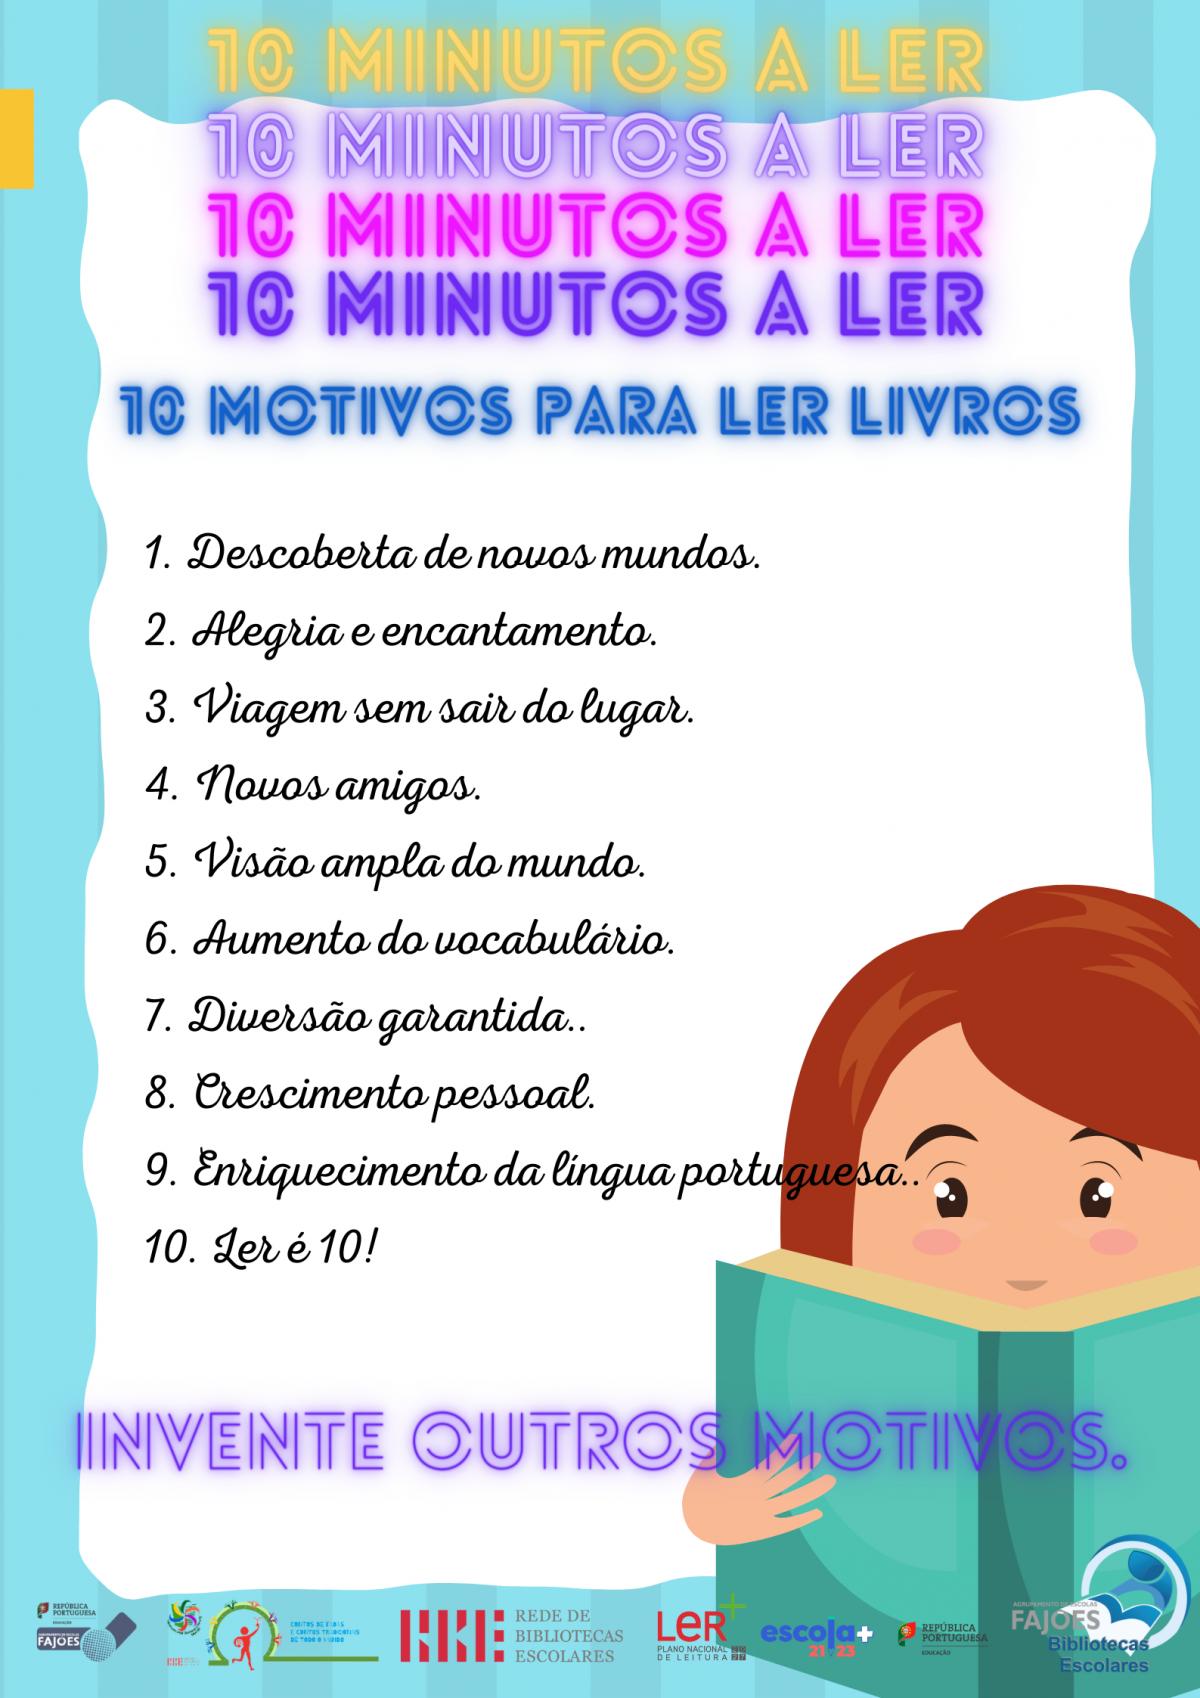 MIBE - 10 Minutos a Ler